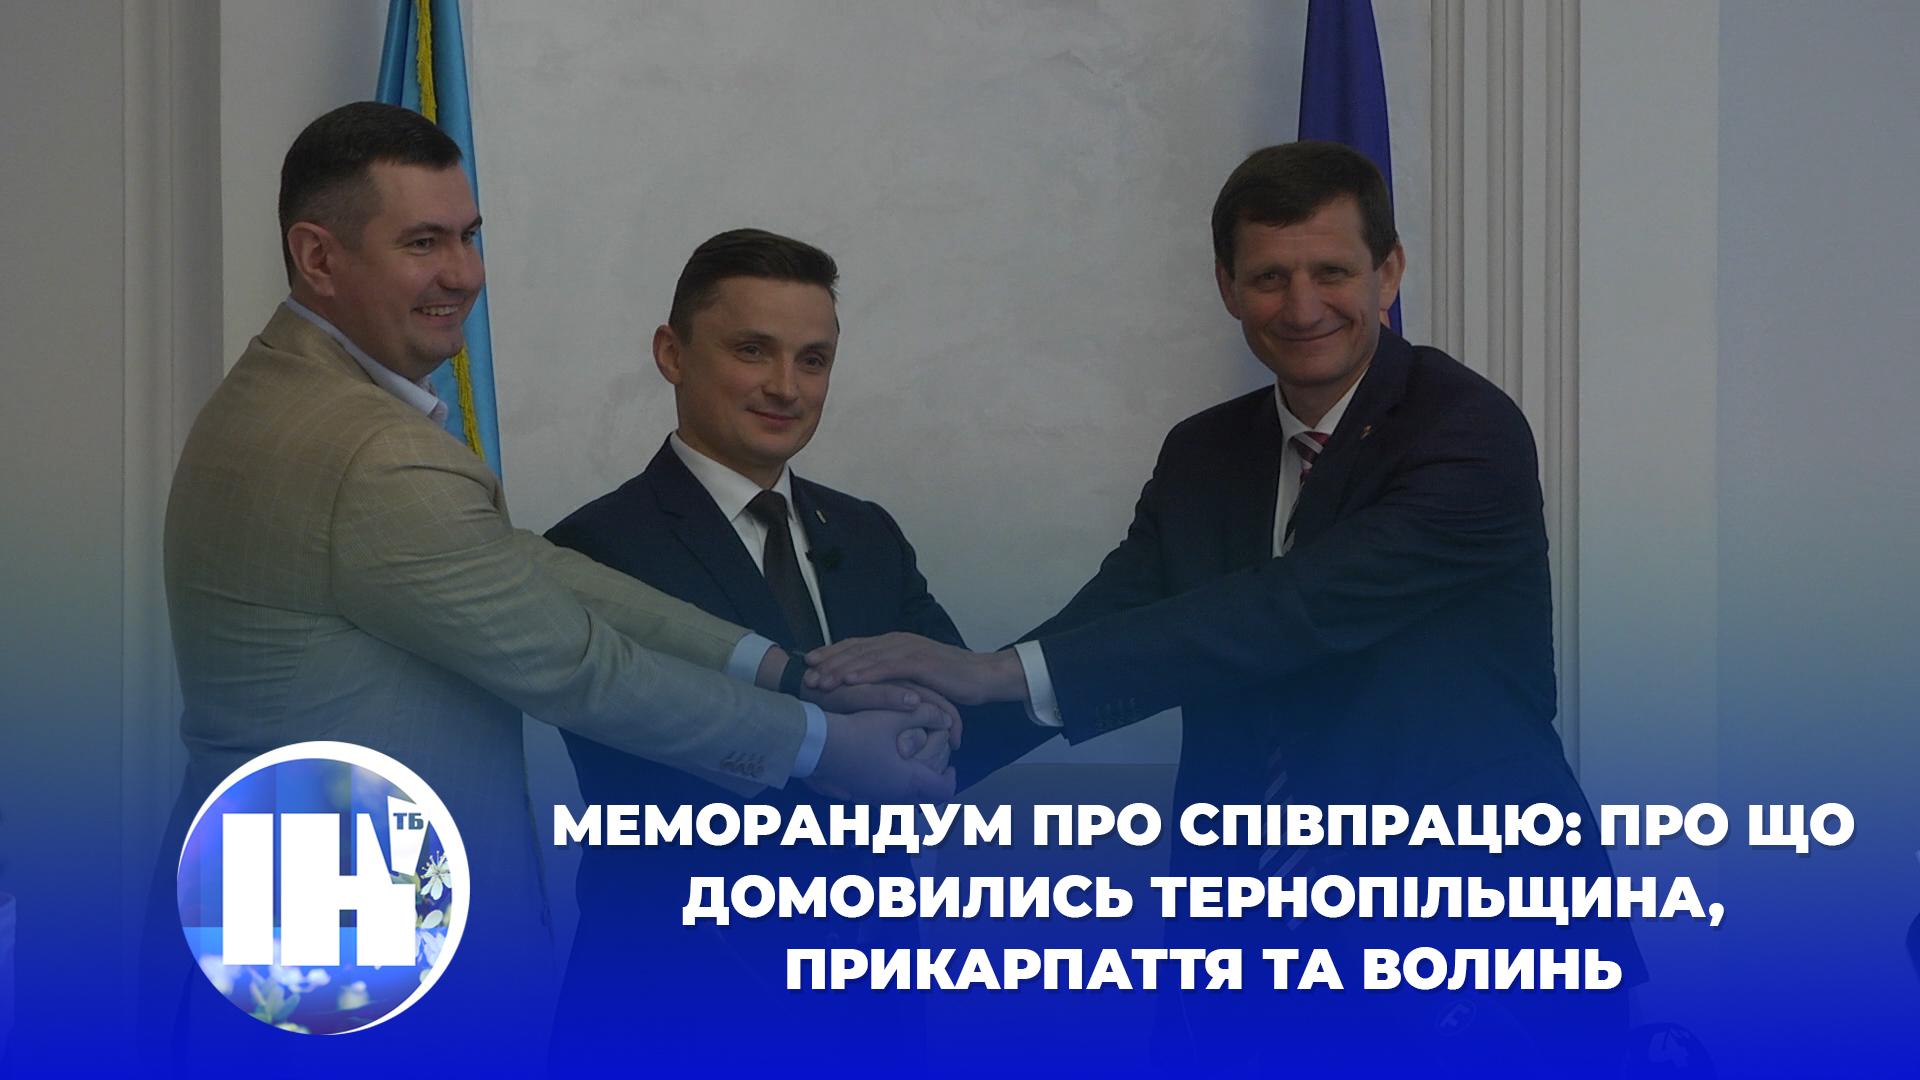 Меморандум про співпрацю: про що домовились Тернопільщина, Прикарпаття та Волинь